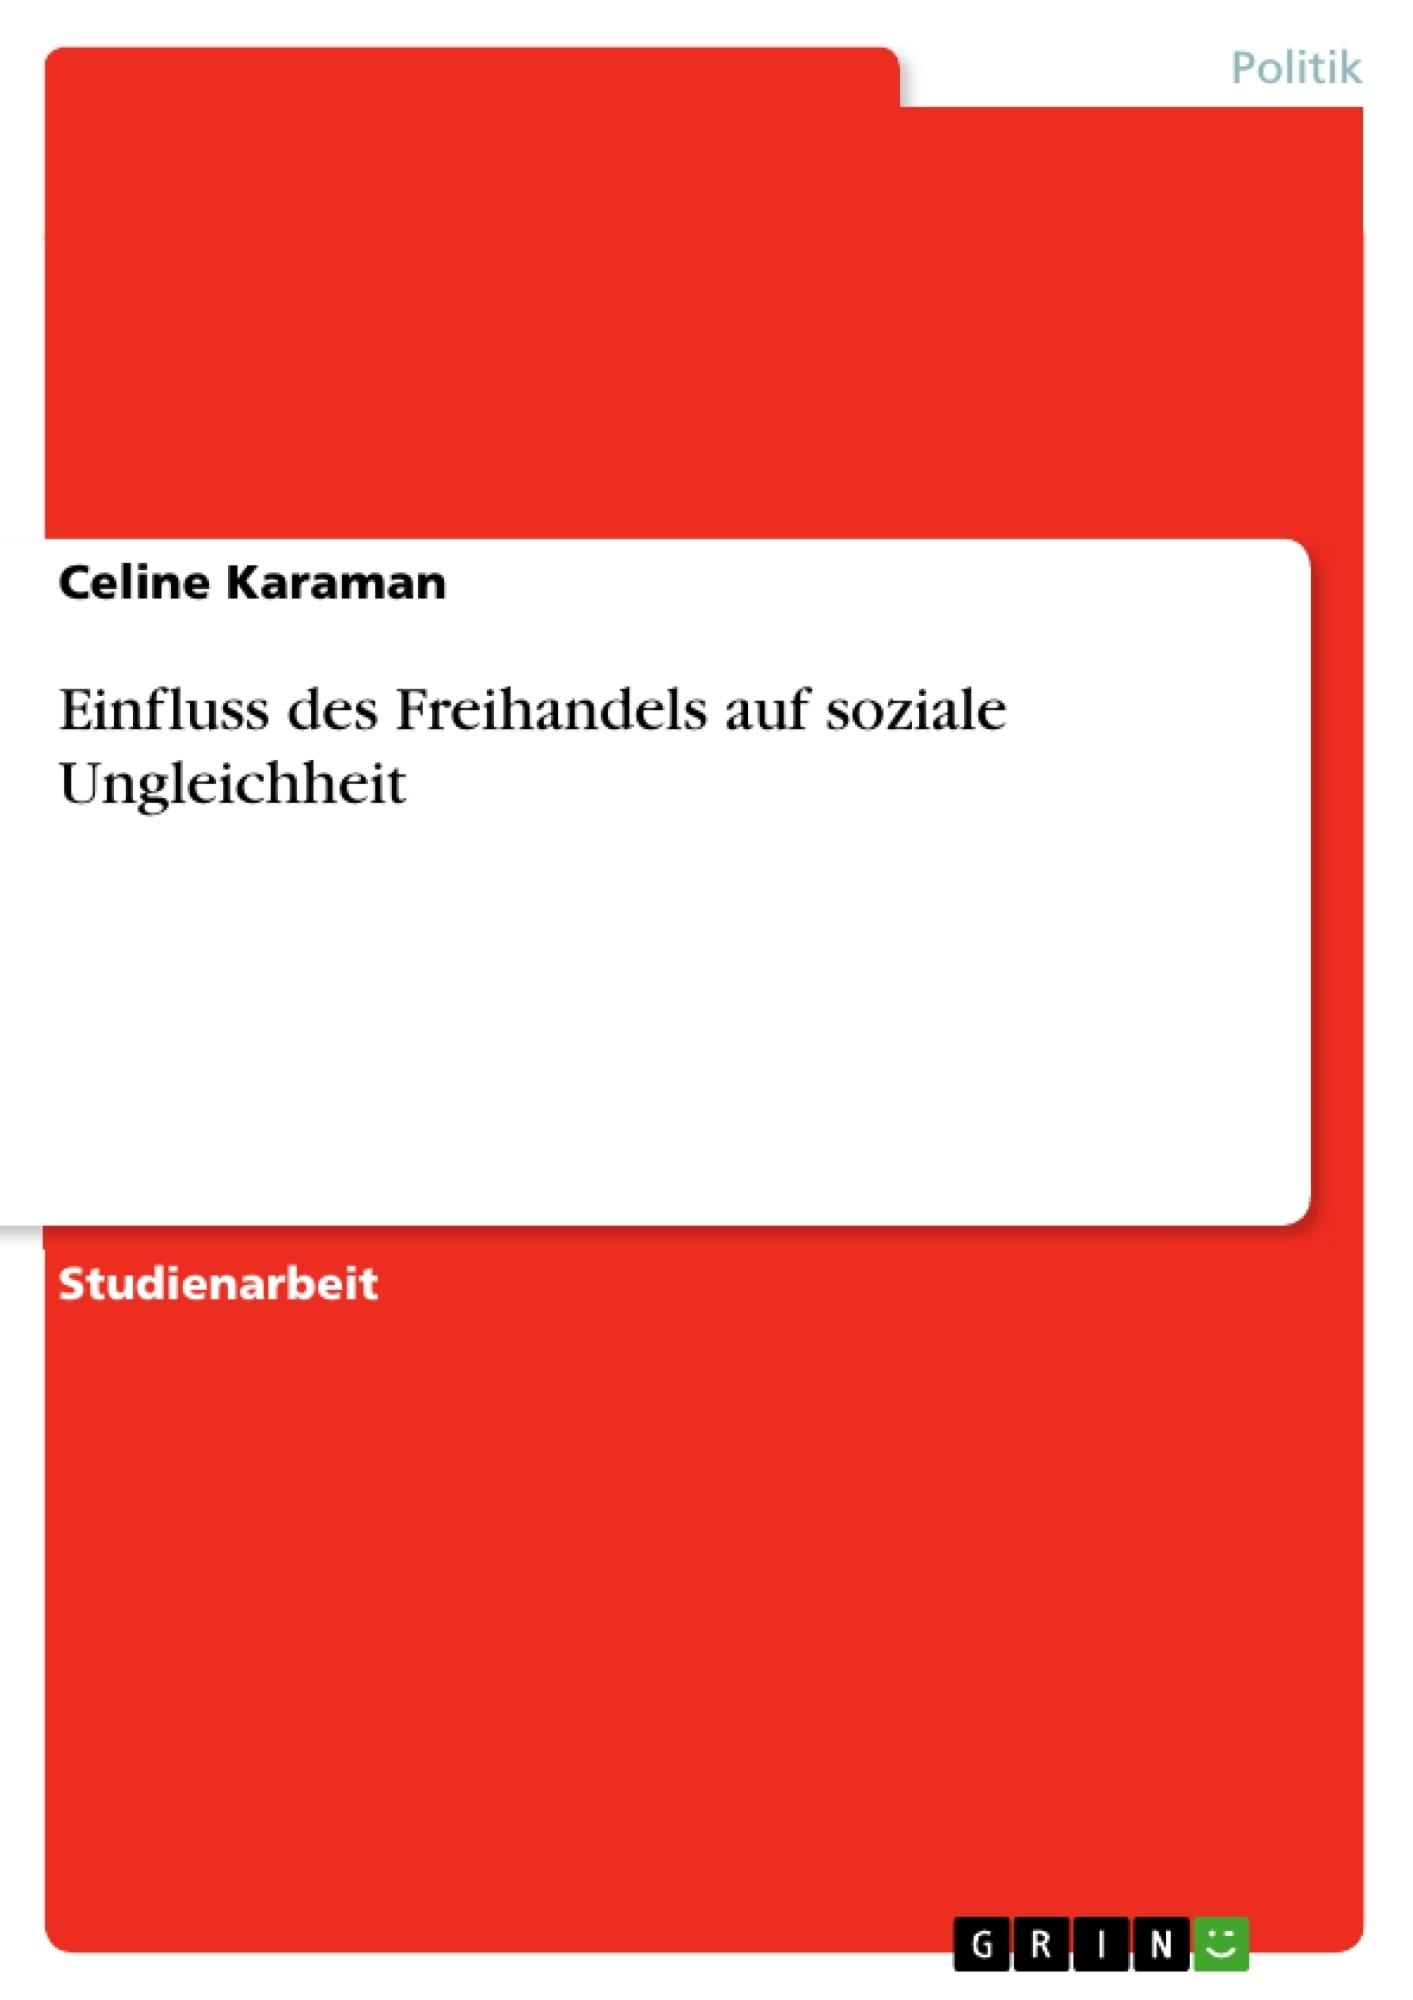 Titel: Einfluss des Freihandels auf soziale Ungleichheit